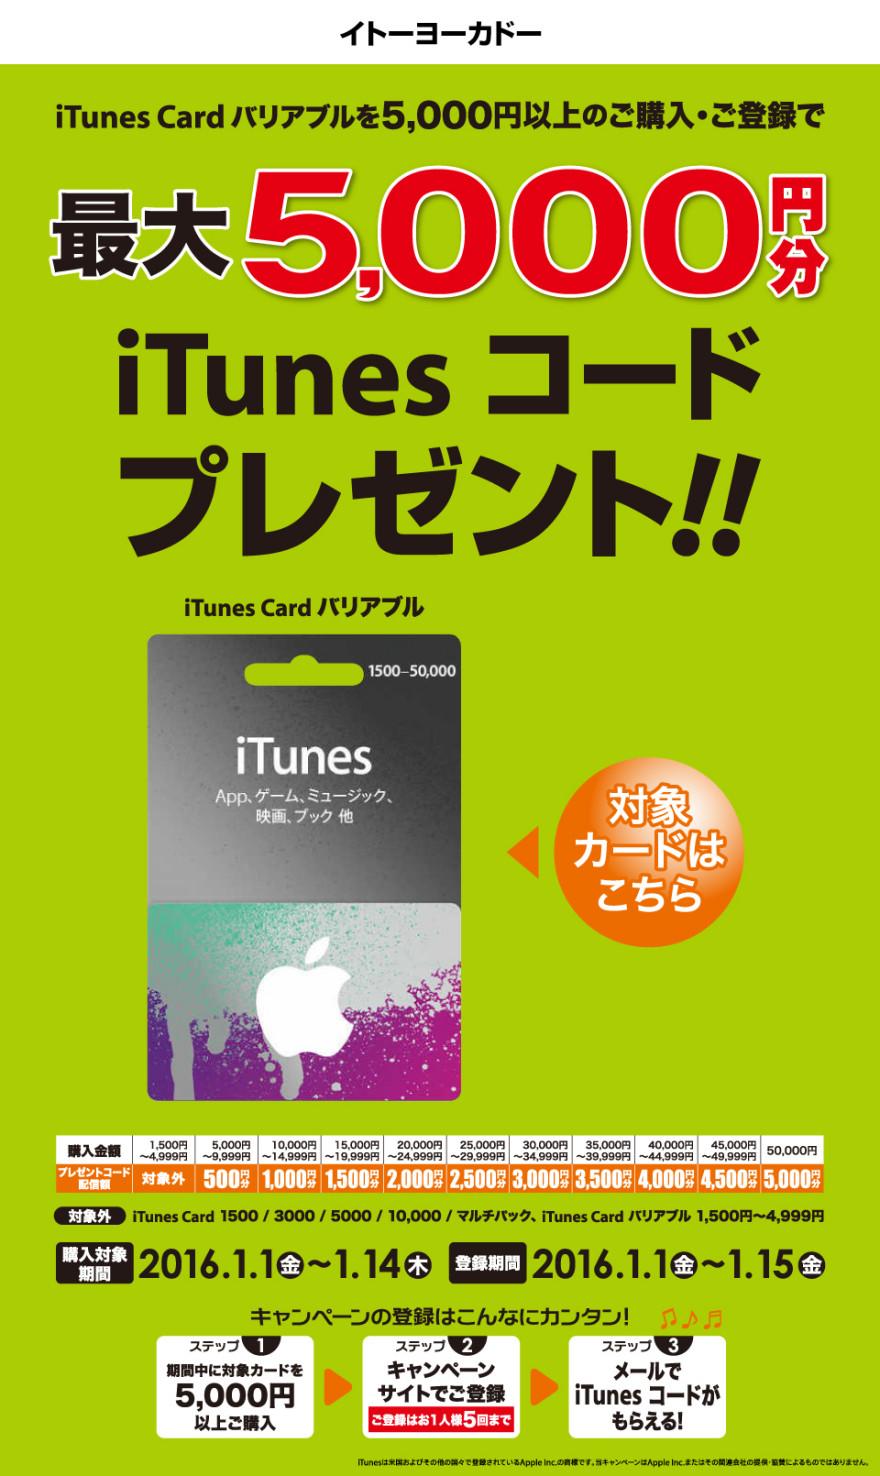 イトーヨーカドーiTunes Card バリアブル キャンペーン!お知らせ